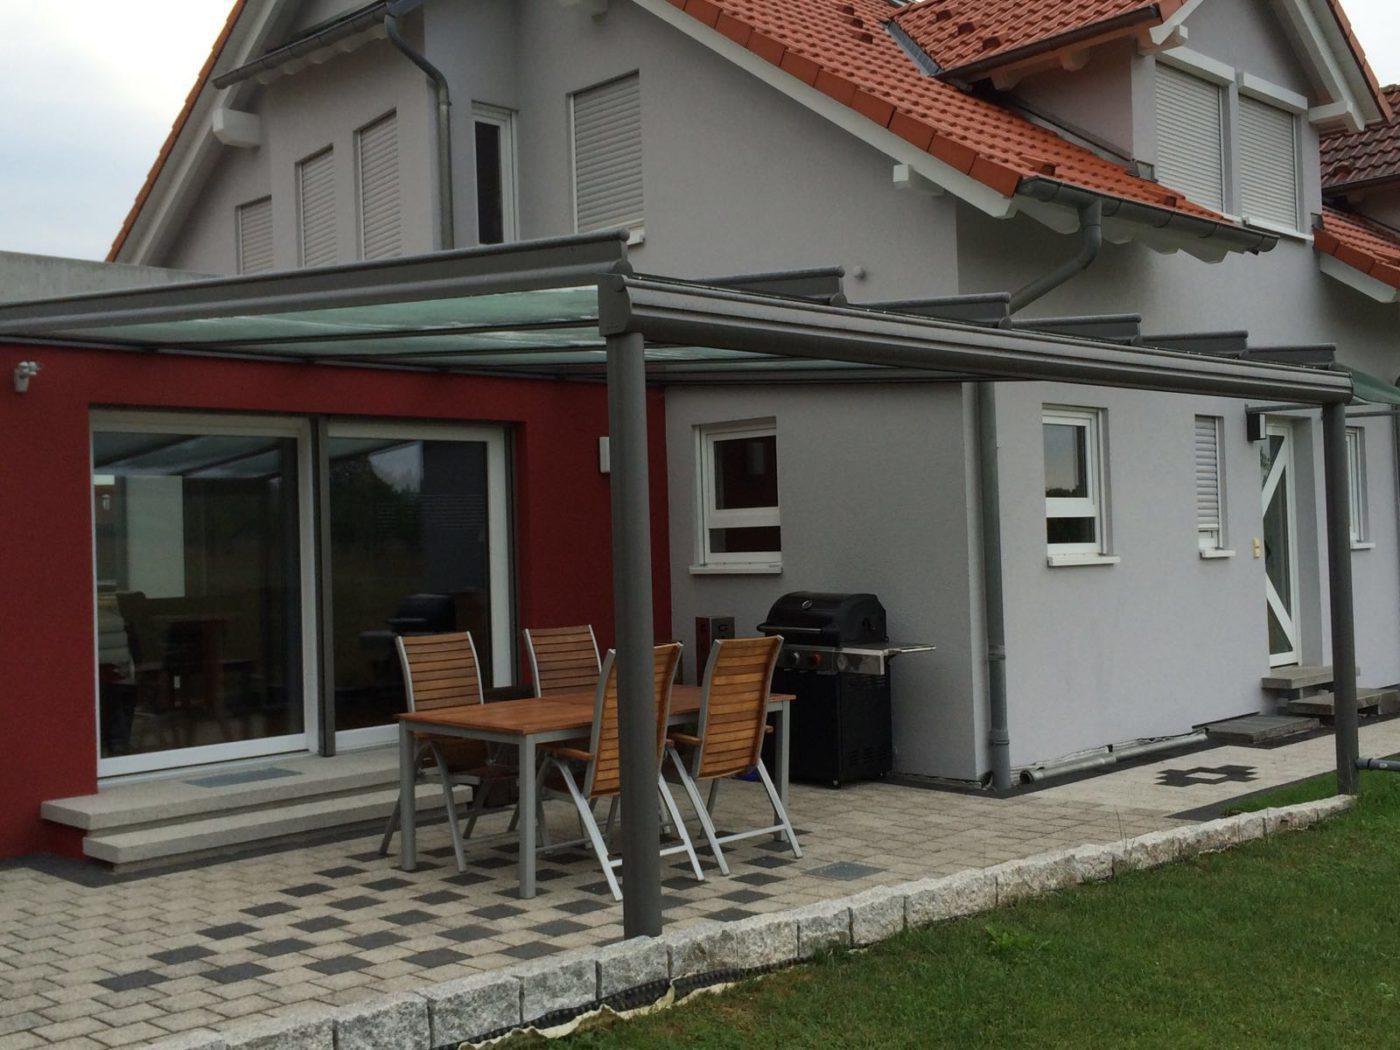 Terrassenüberdachung aus Glas an einem Einfamilienhaus